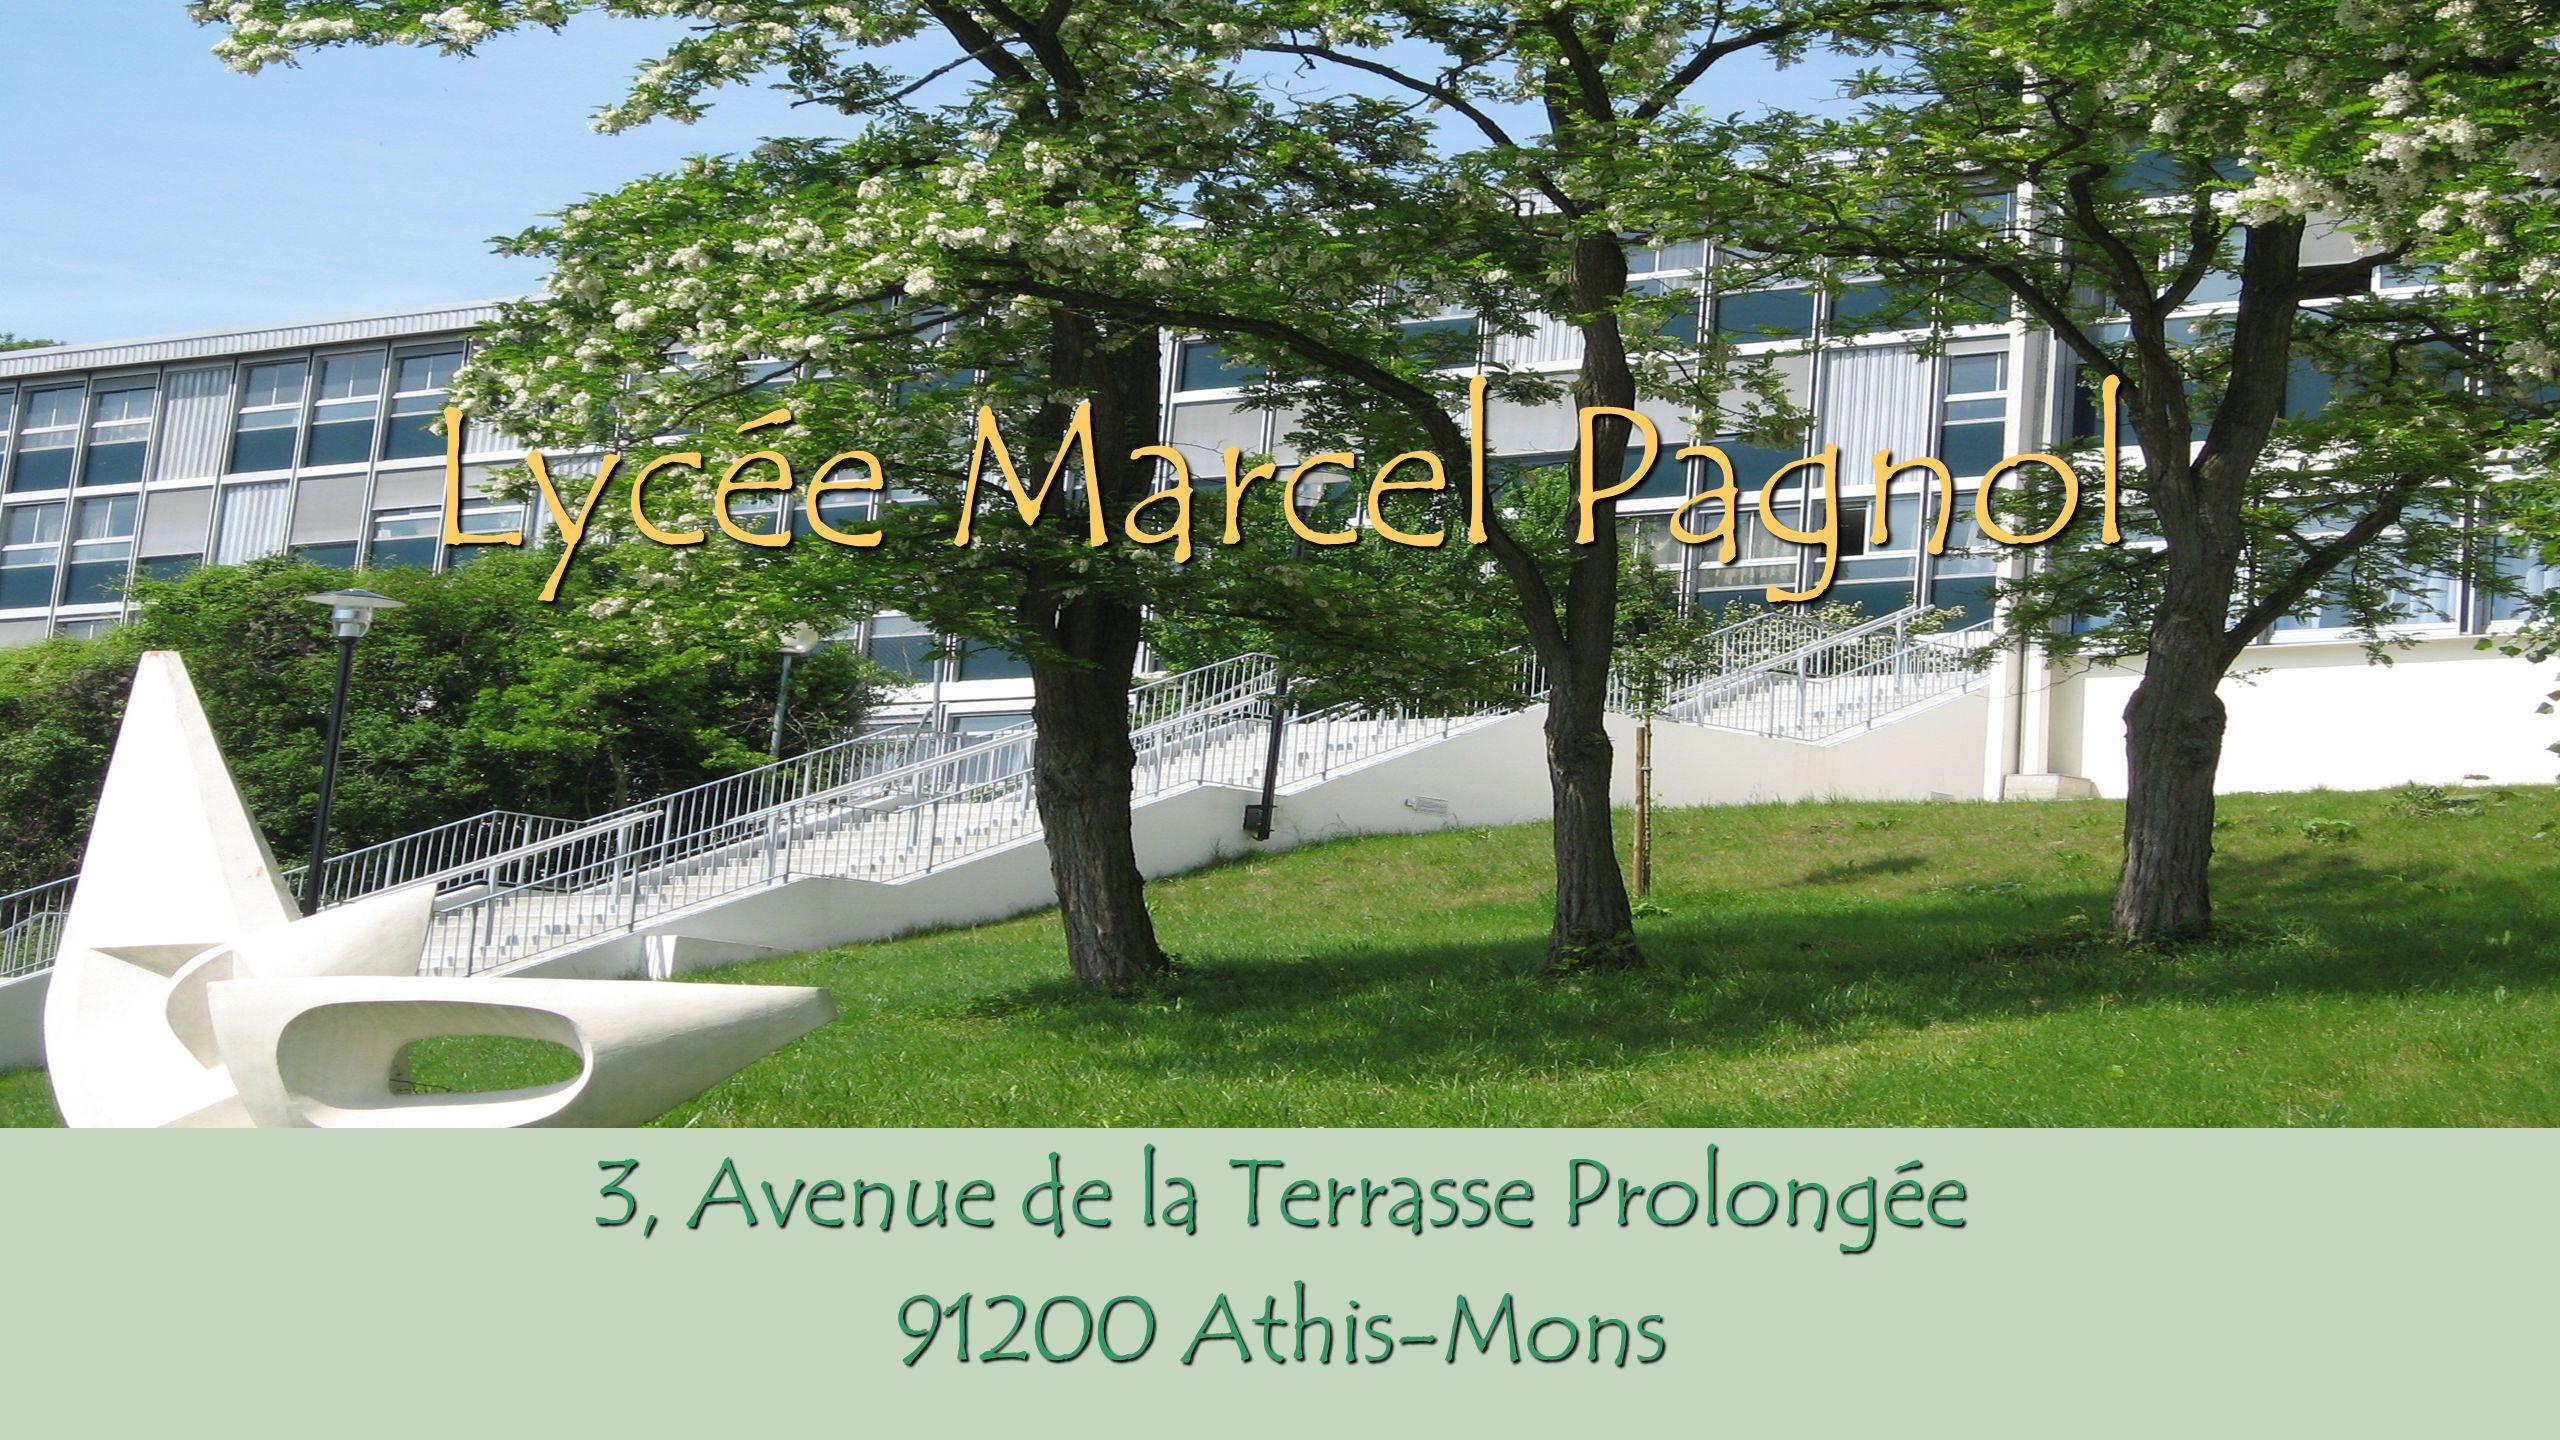 3, Avenue de la Terrasse Prolongée 91200 Athis-Mons Lycée Marcel Pagnol